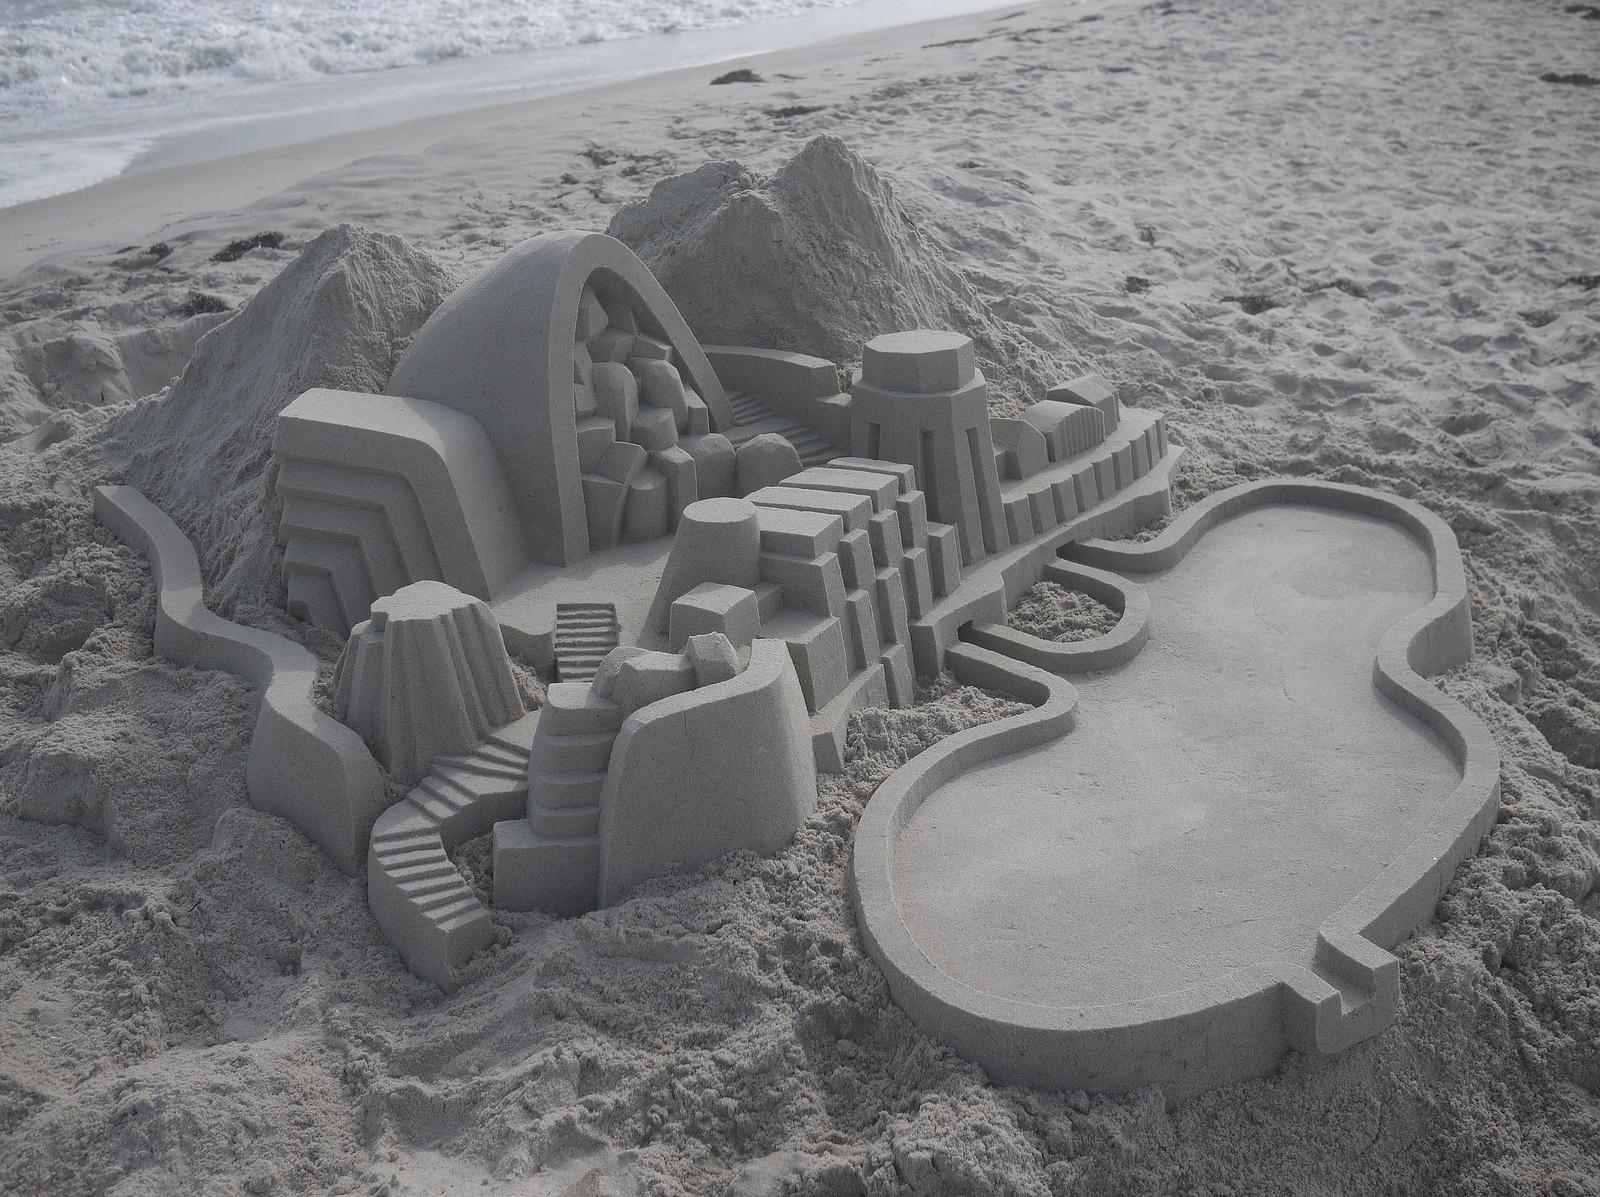 sand-castles-calvin-seibert- 12